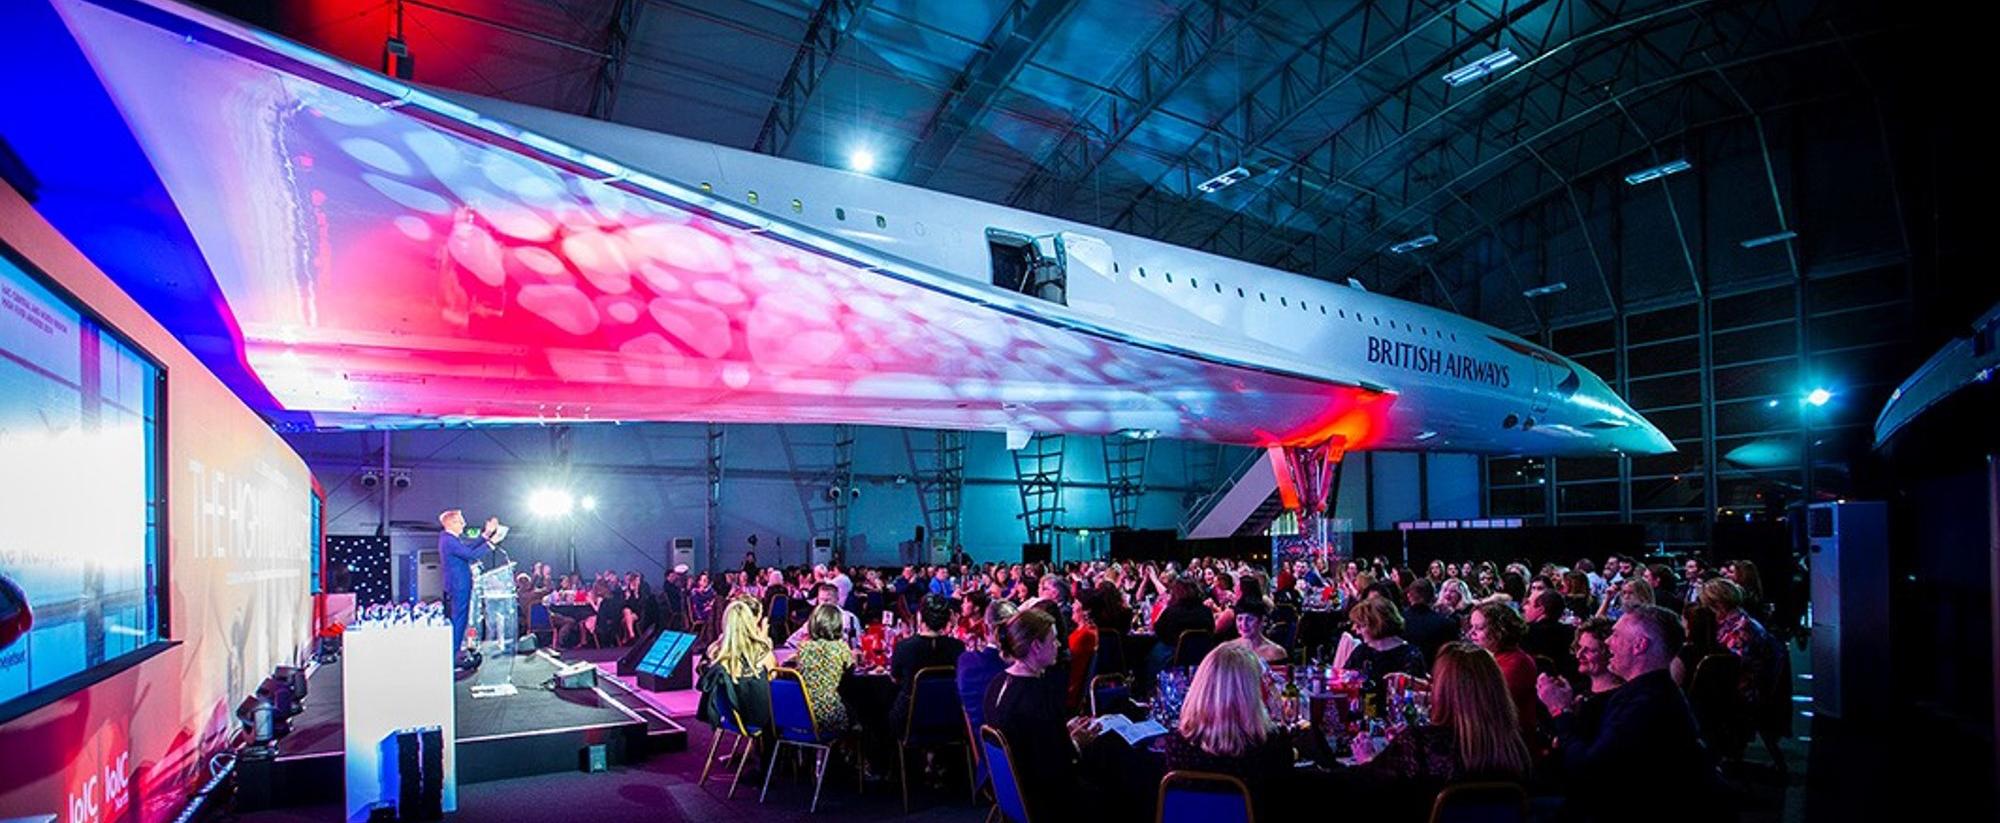 The Concorde Conference Centre